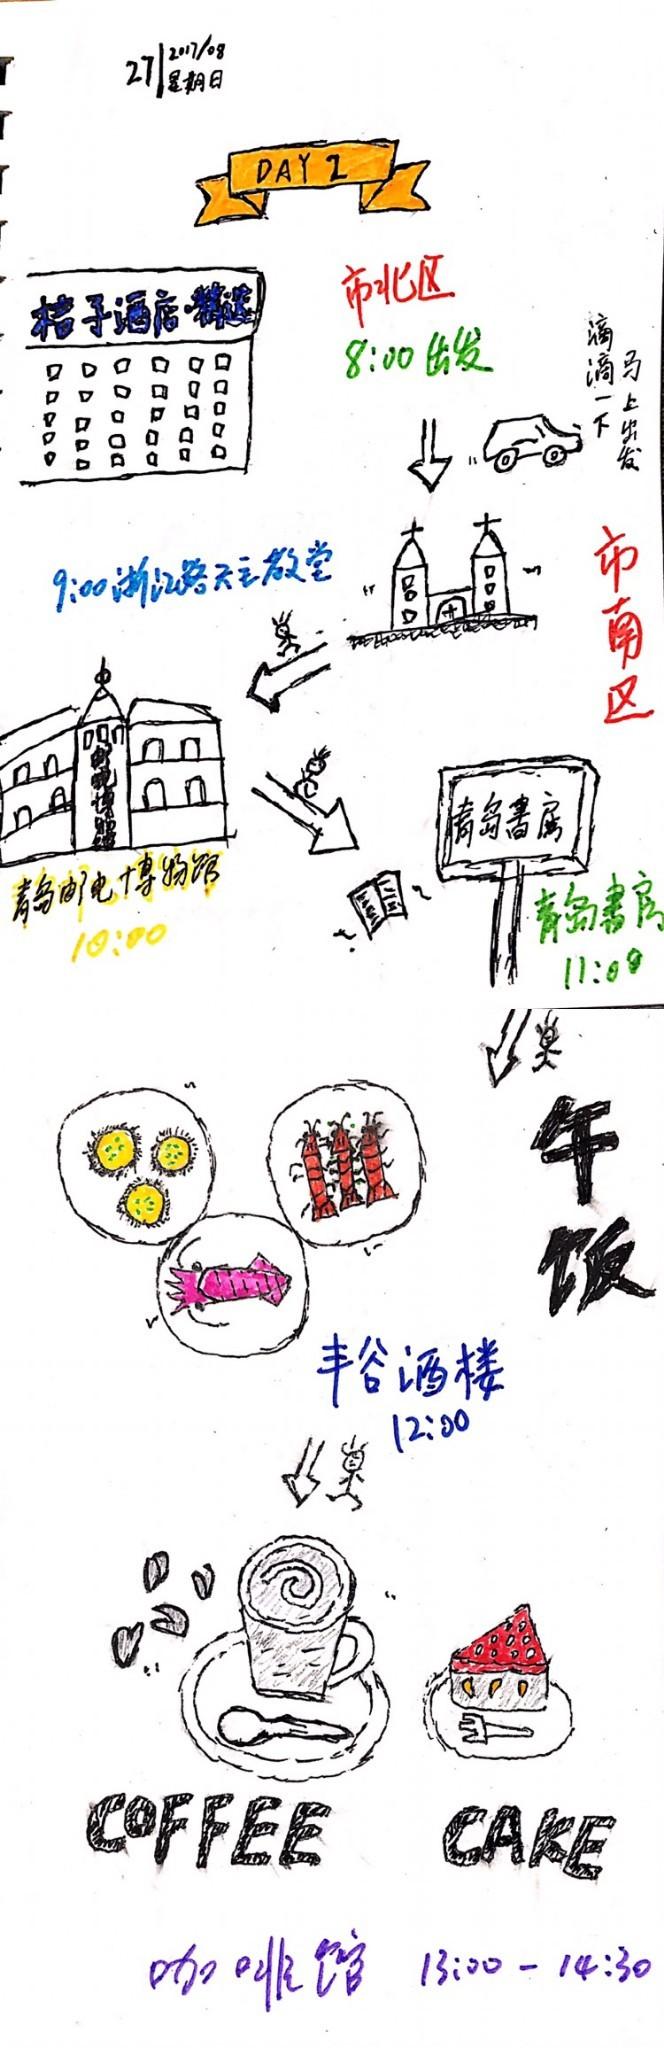 青岛手绘旅游攻略